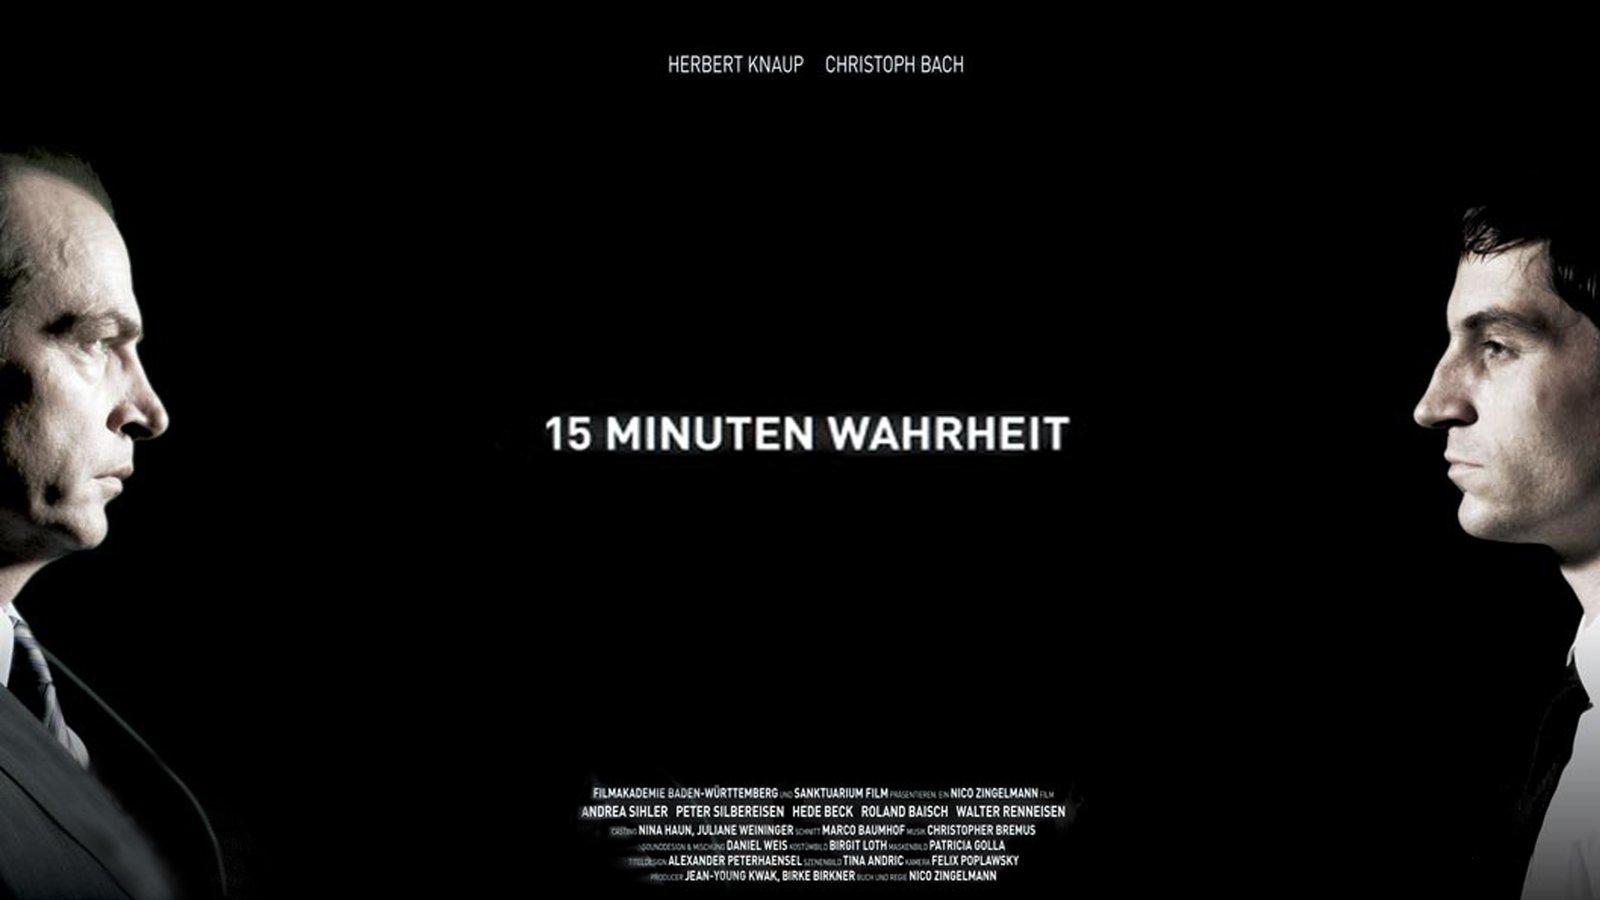 15 Minuten Wahrheit